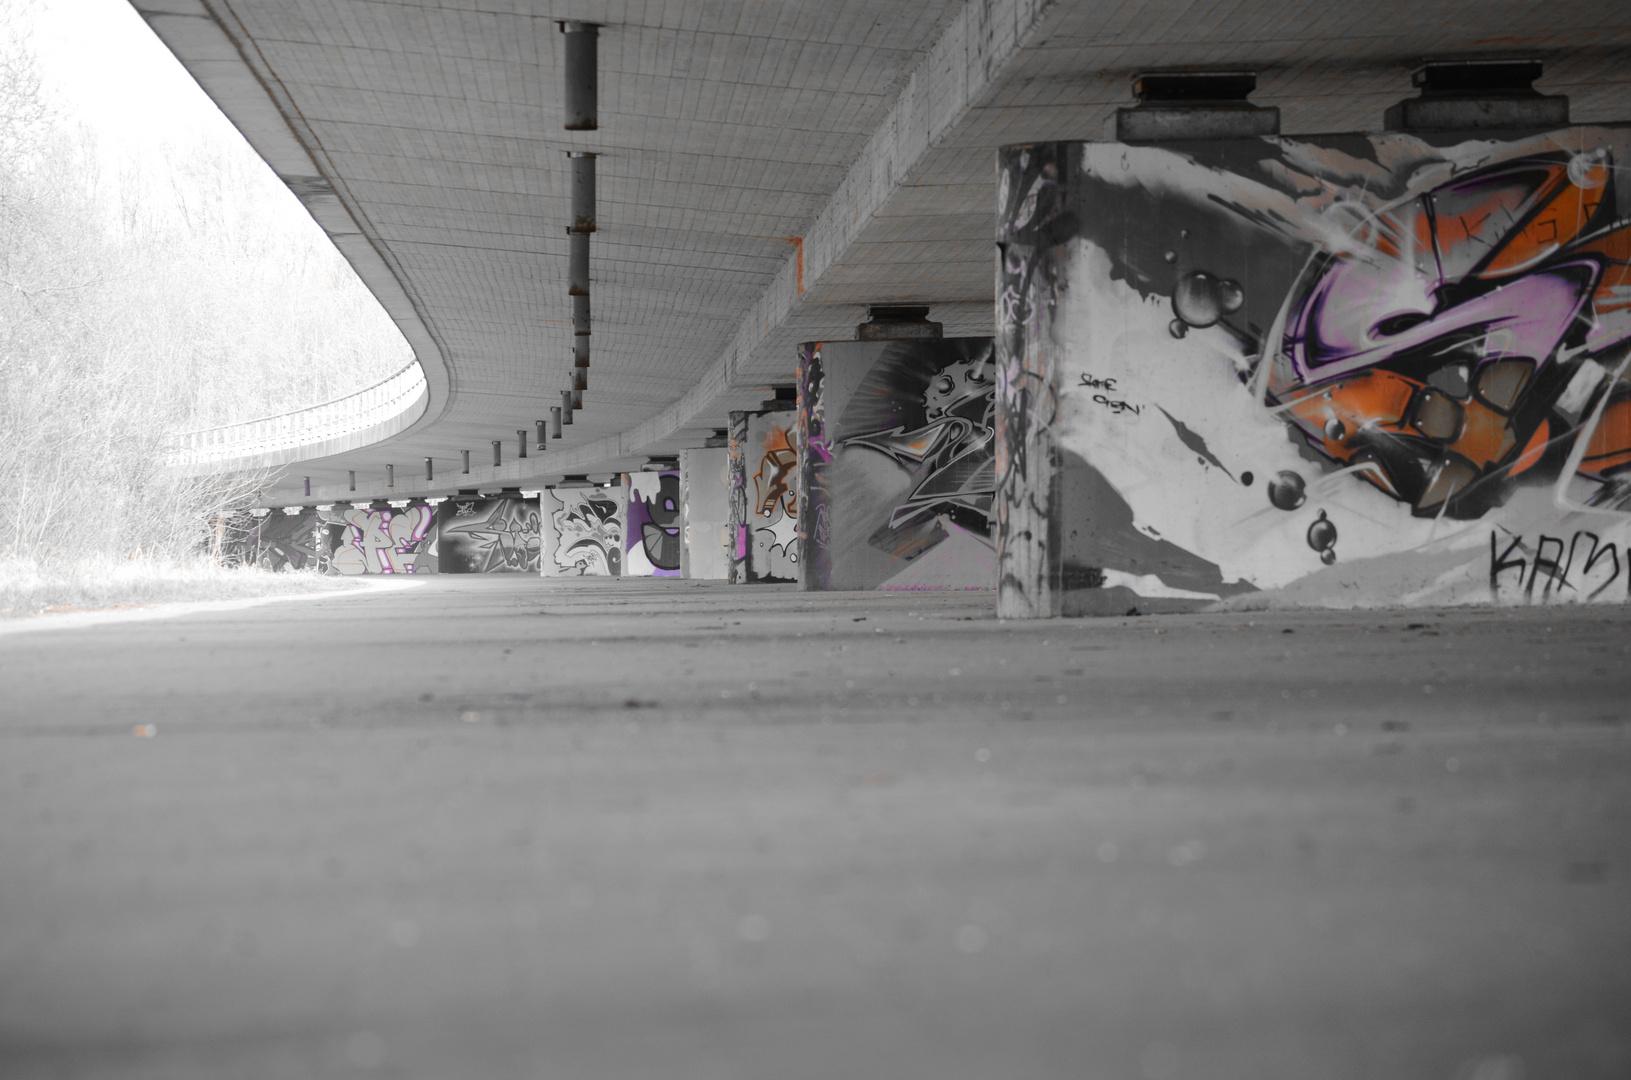 Graffitykunst